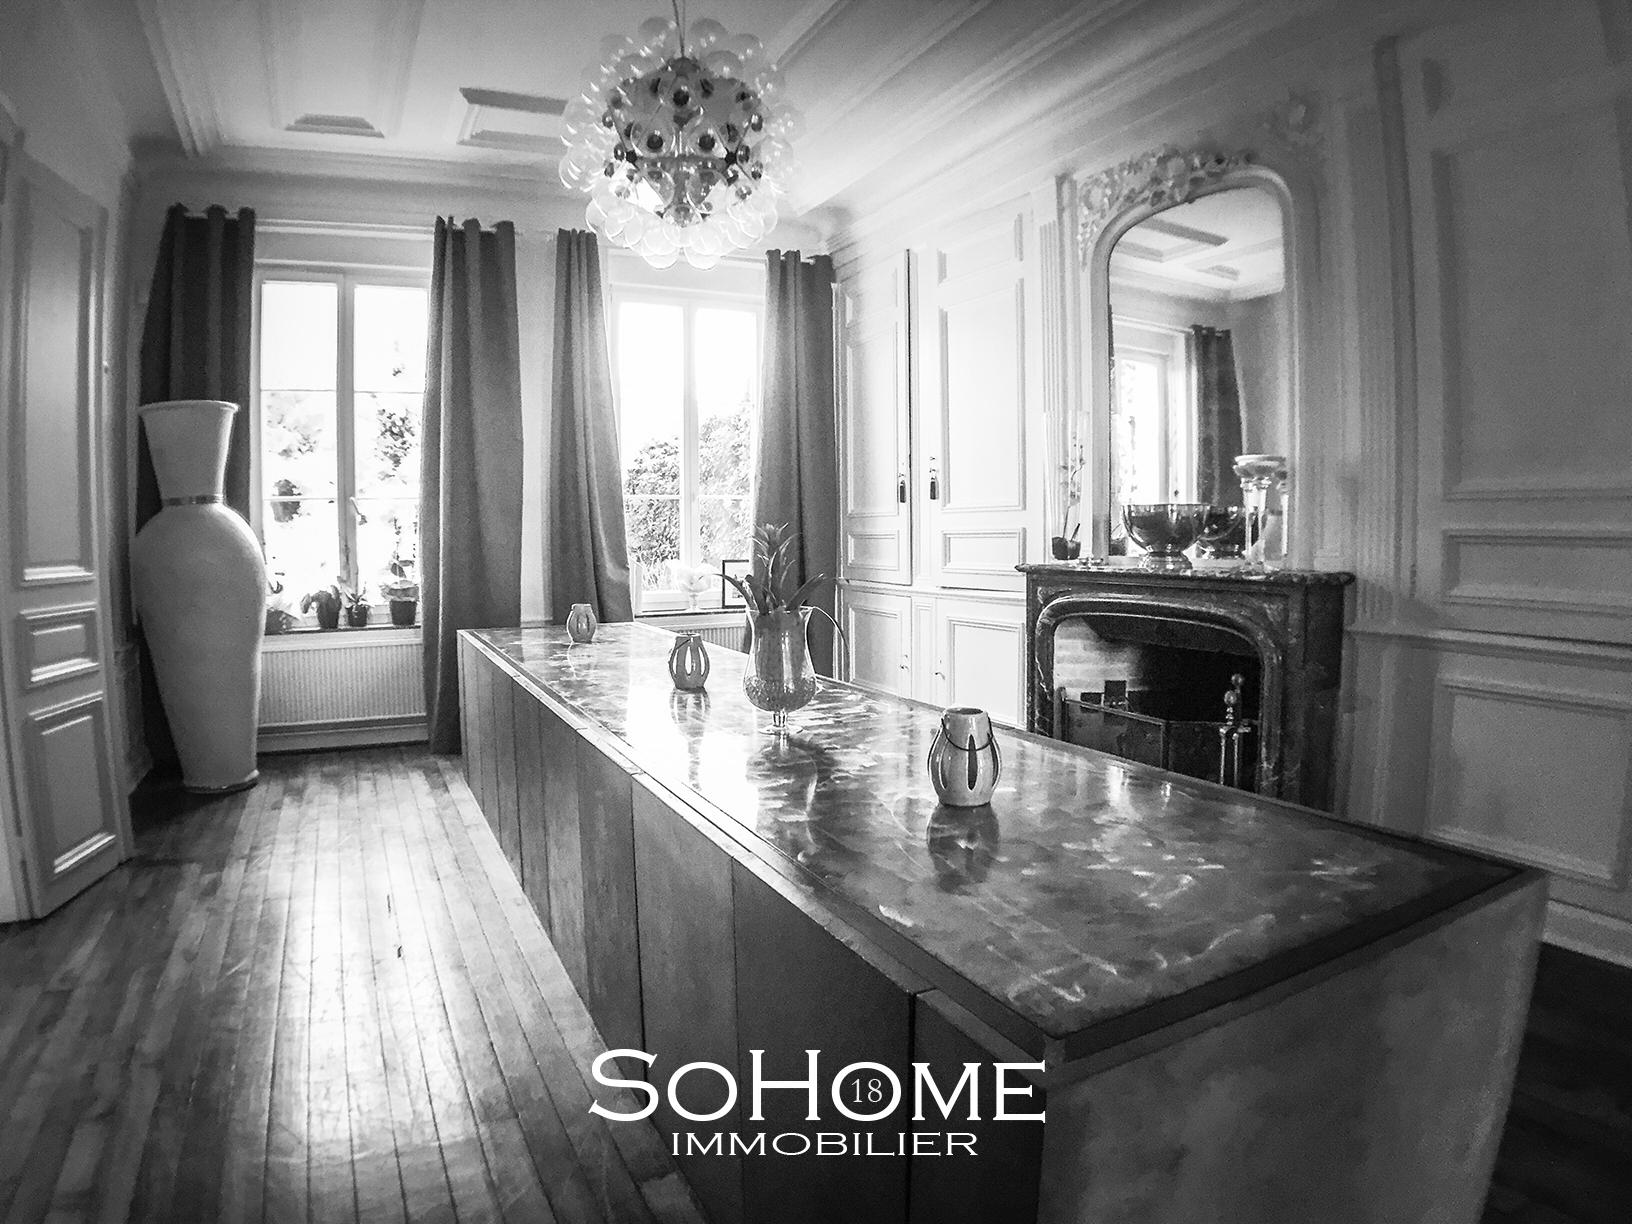 SoHomeImmobilier-FAMILIALE-maison-4.jpg